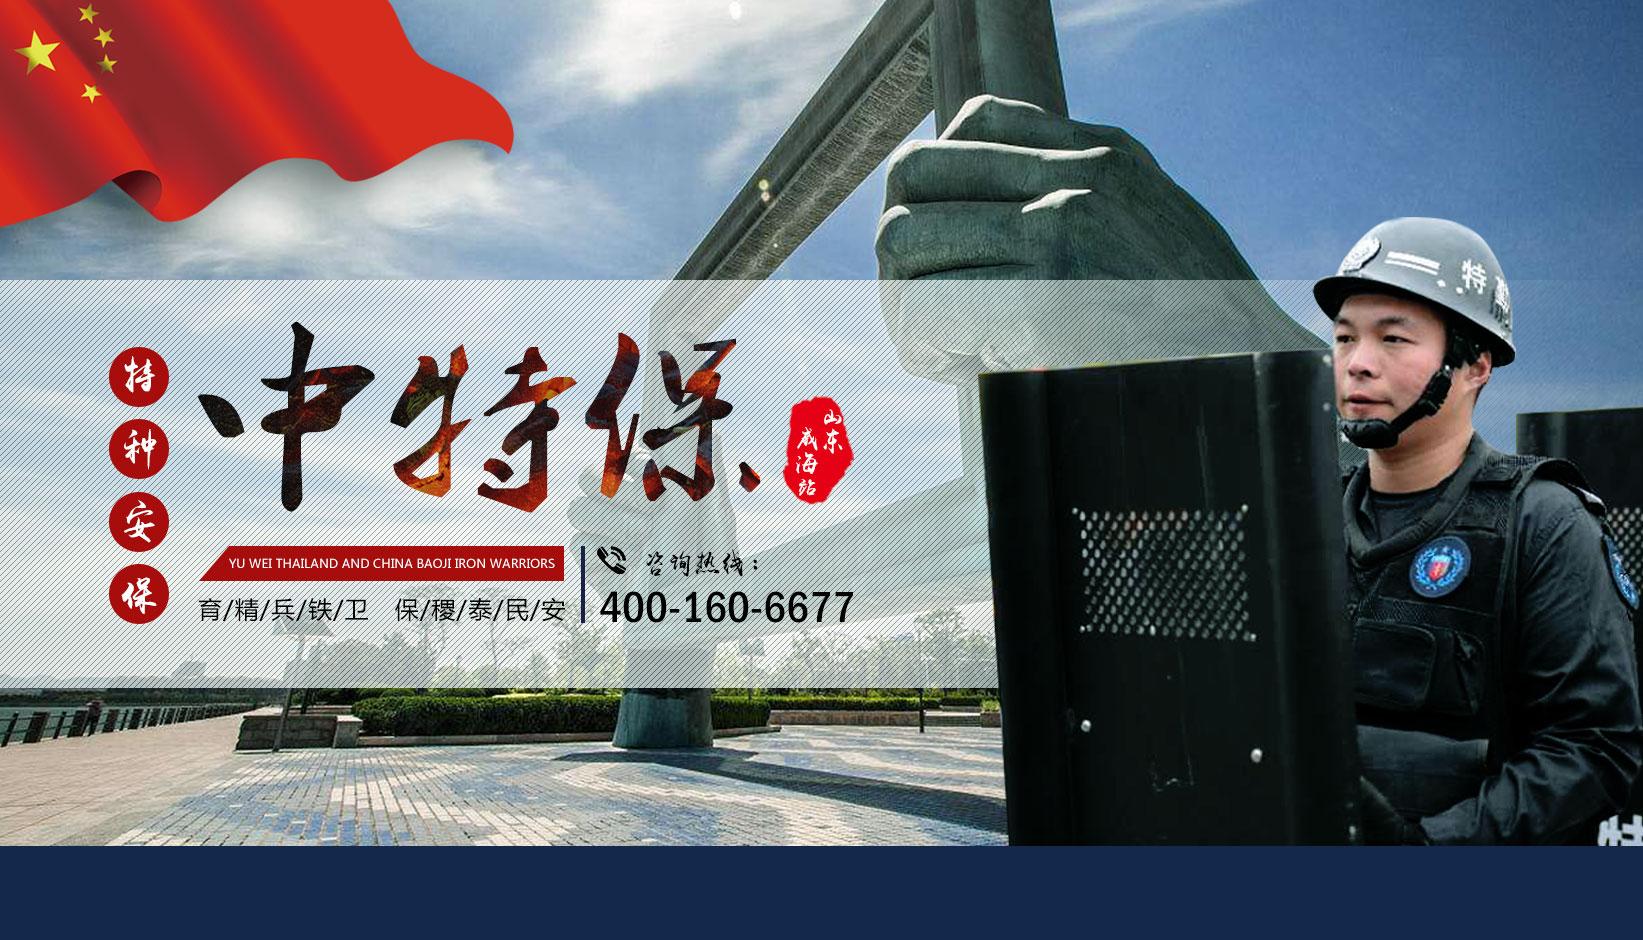 http://www.whzhongtebao.com/situation